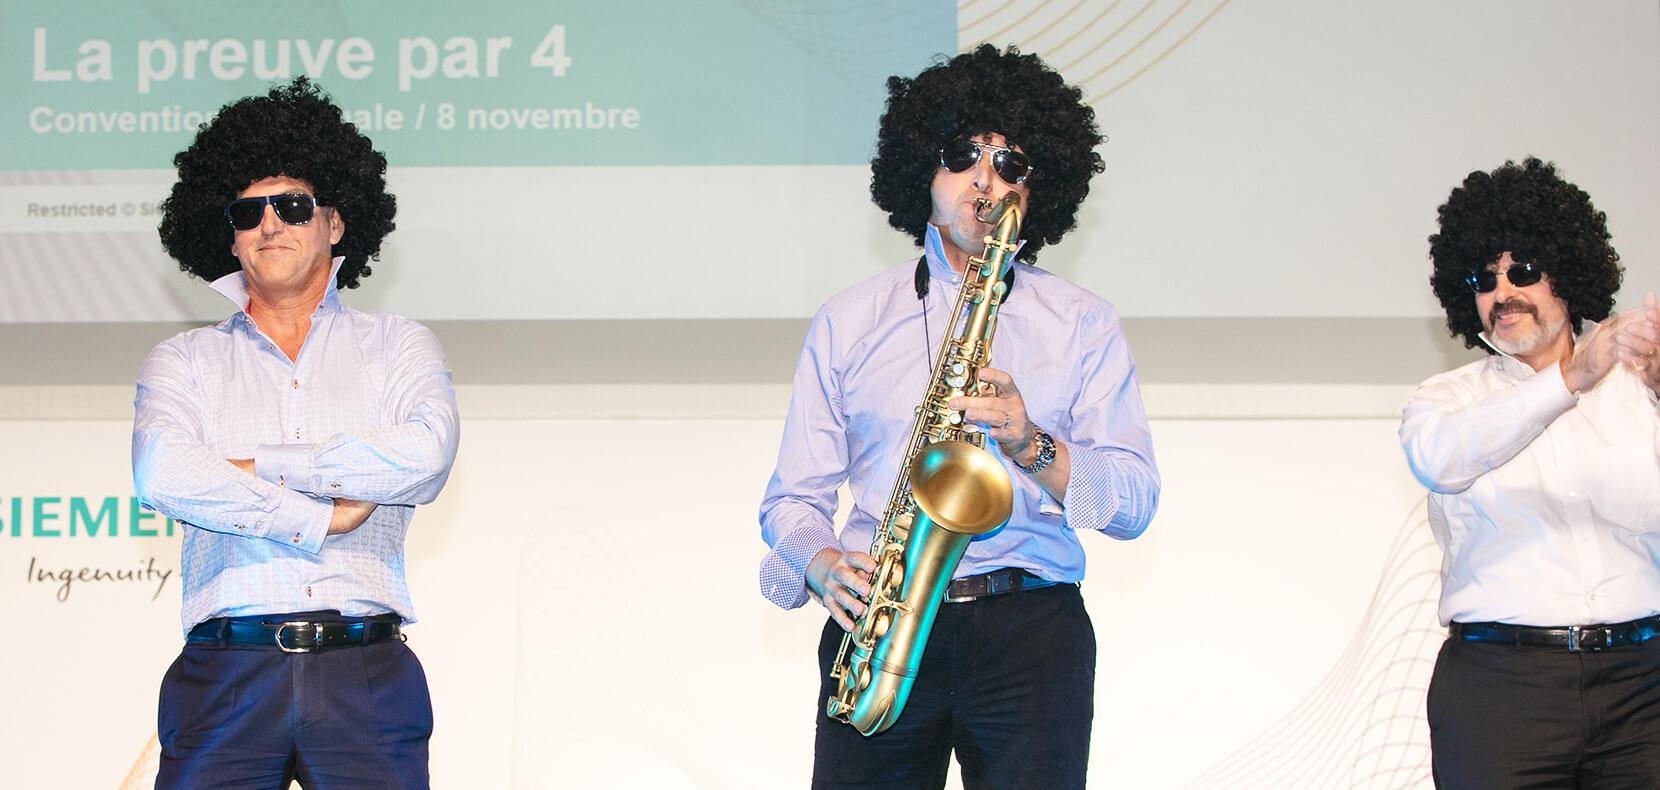 Aperçu de la convention annuelle de Siemens